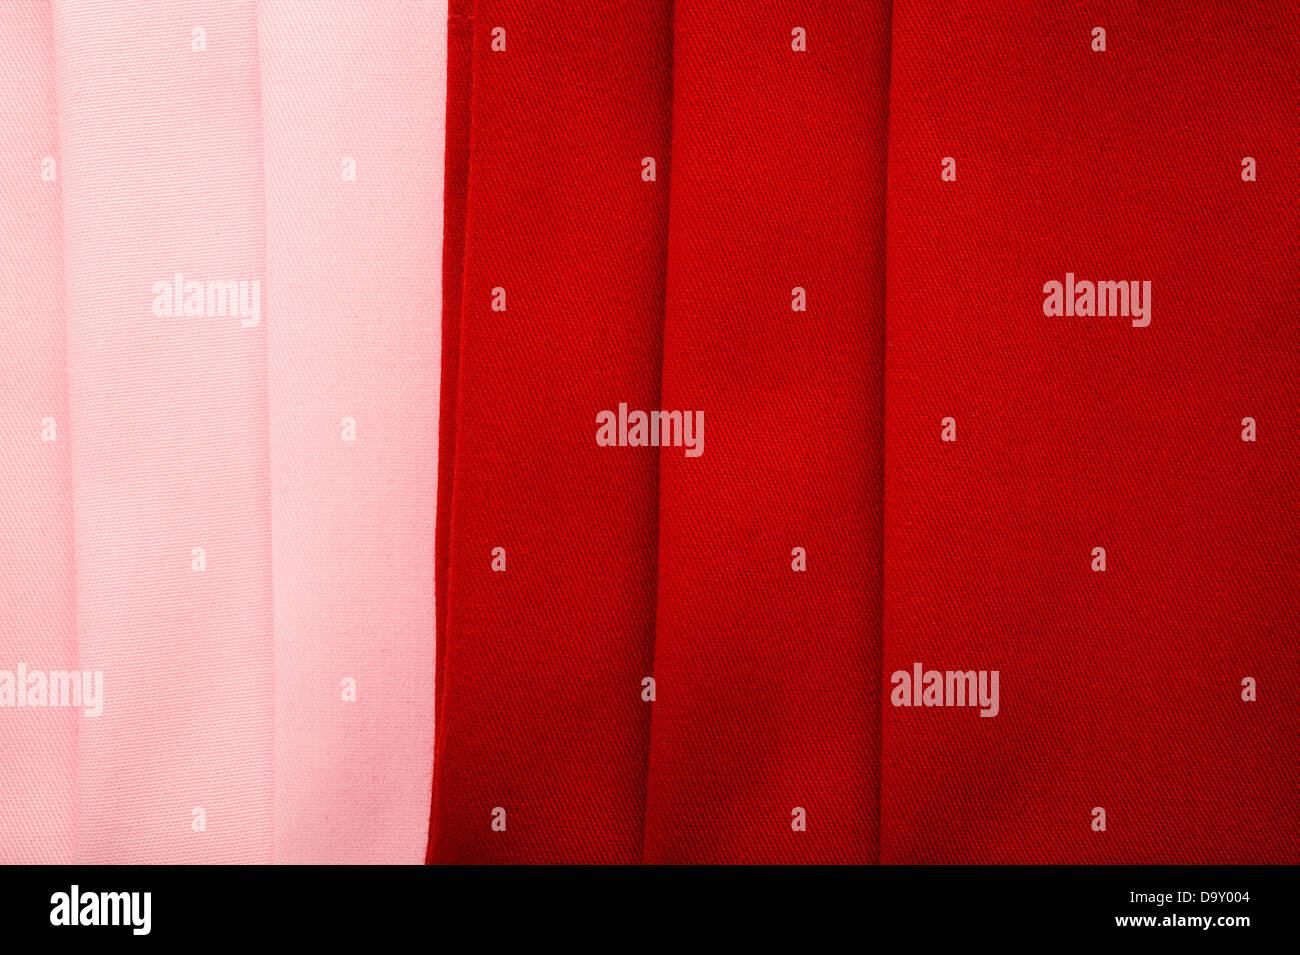 napkin background - Stock Image